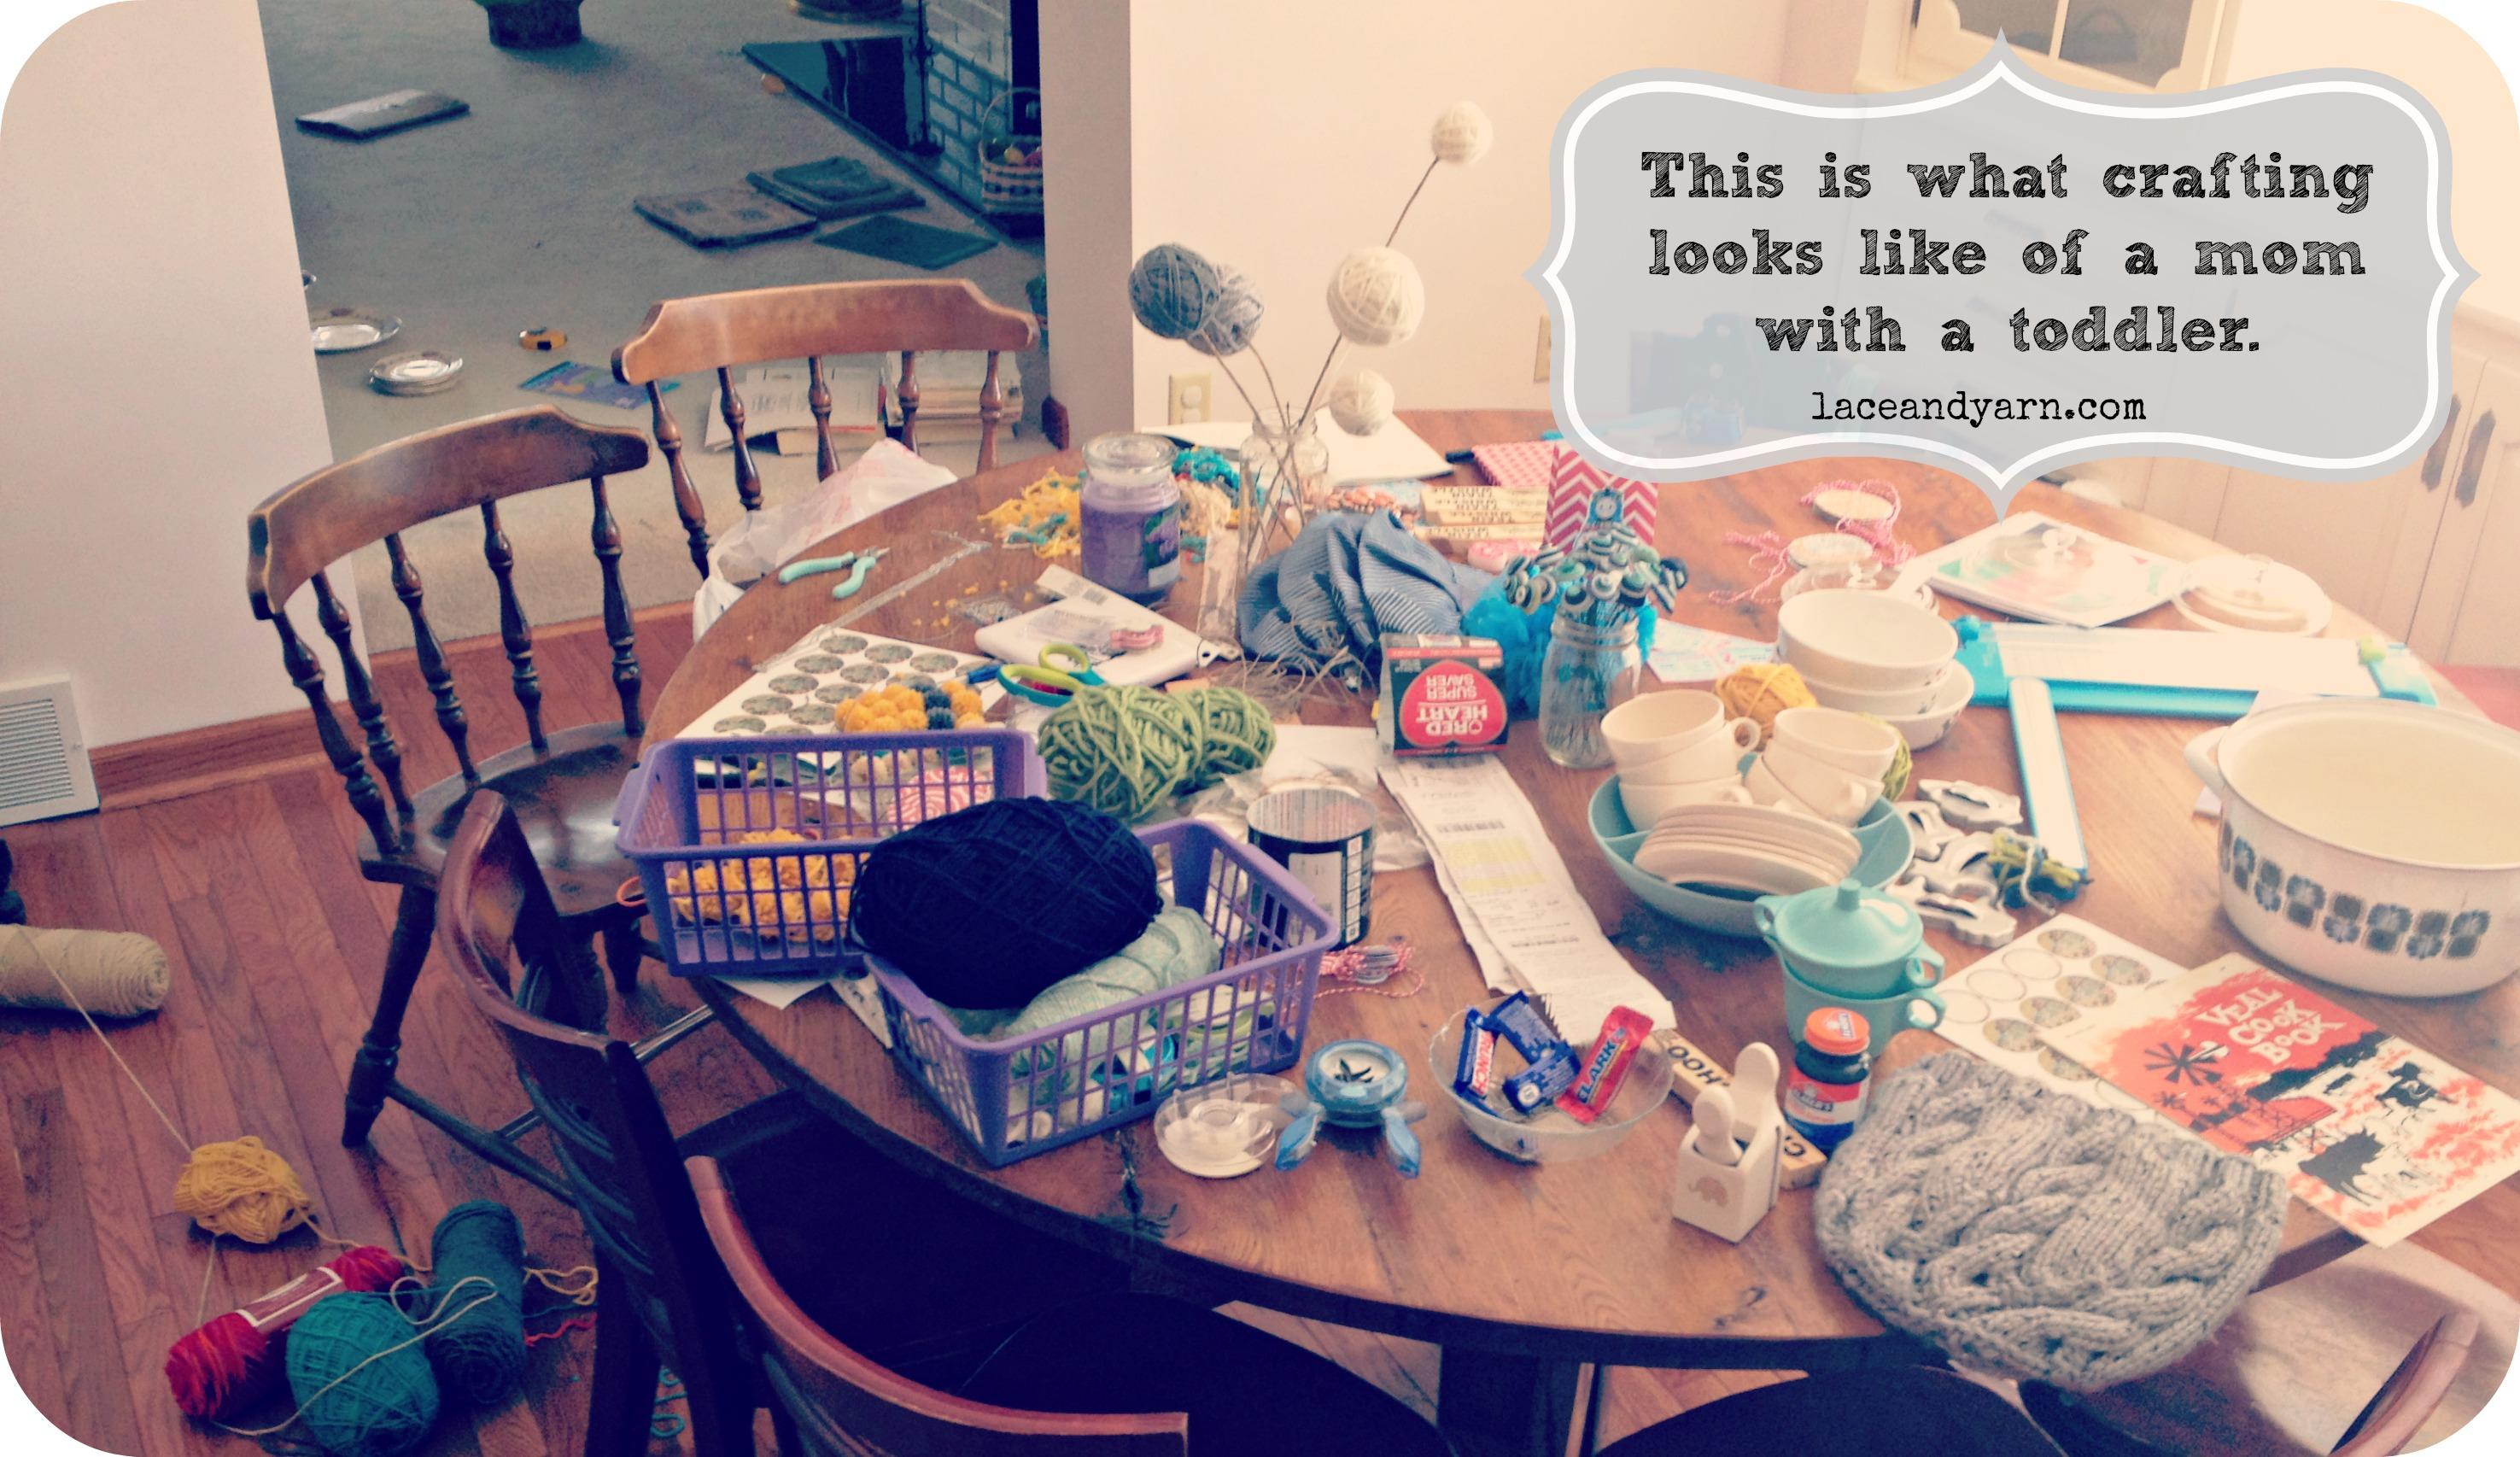 being a crafty mom